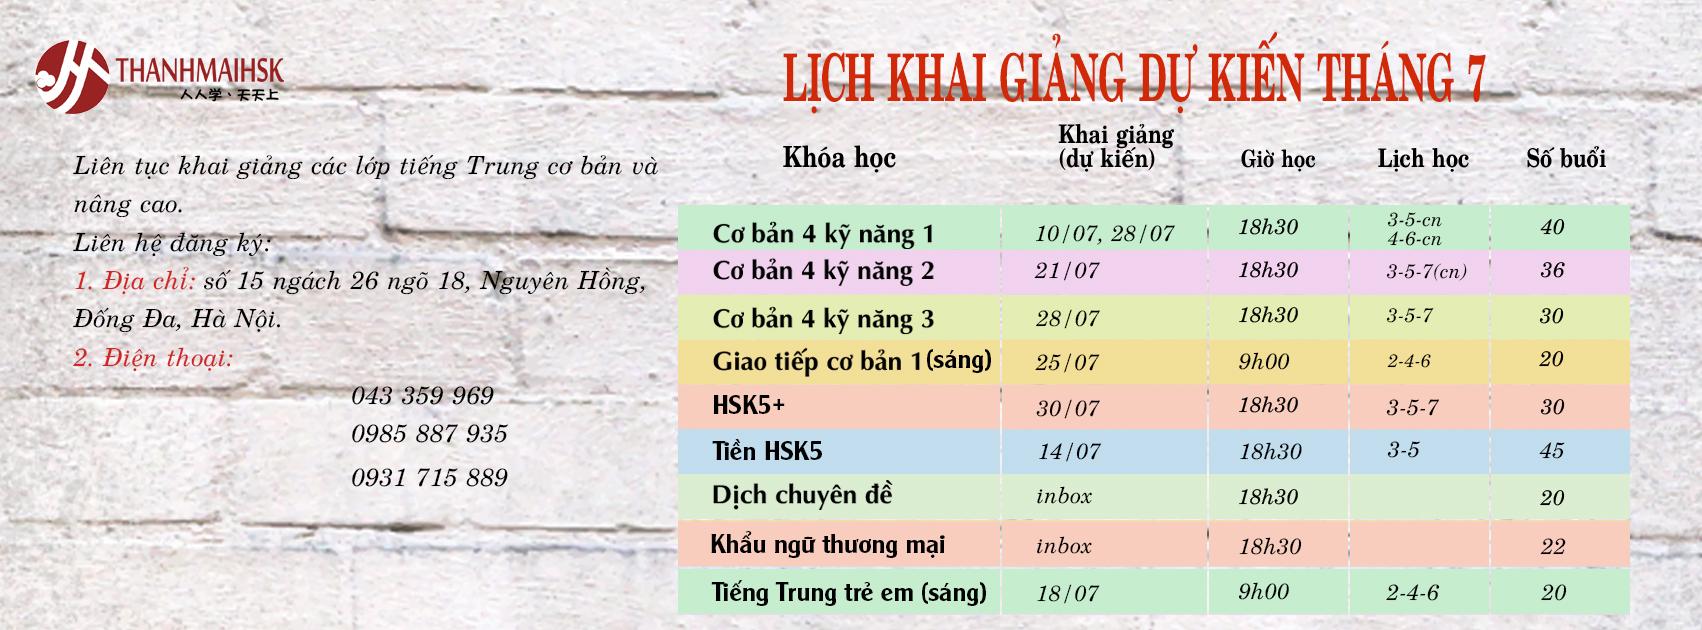 Lich-kgdk-thang7